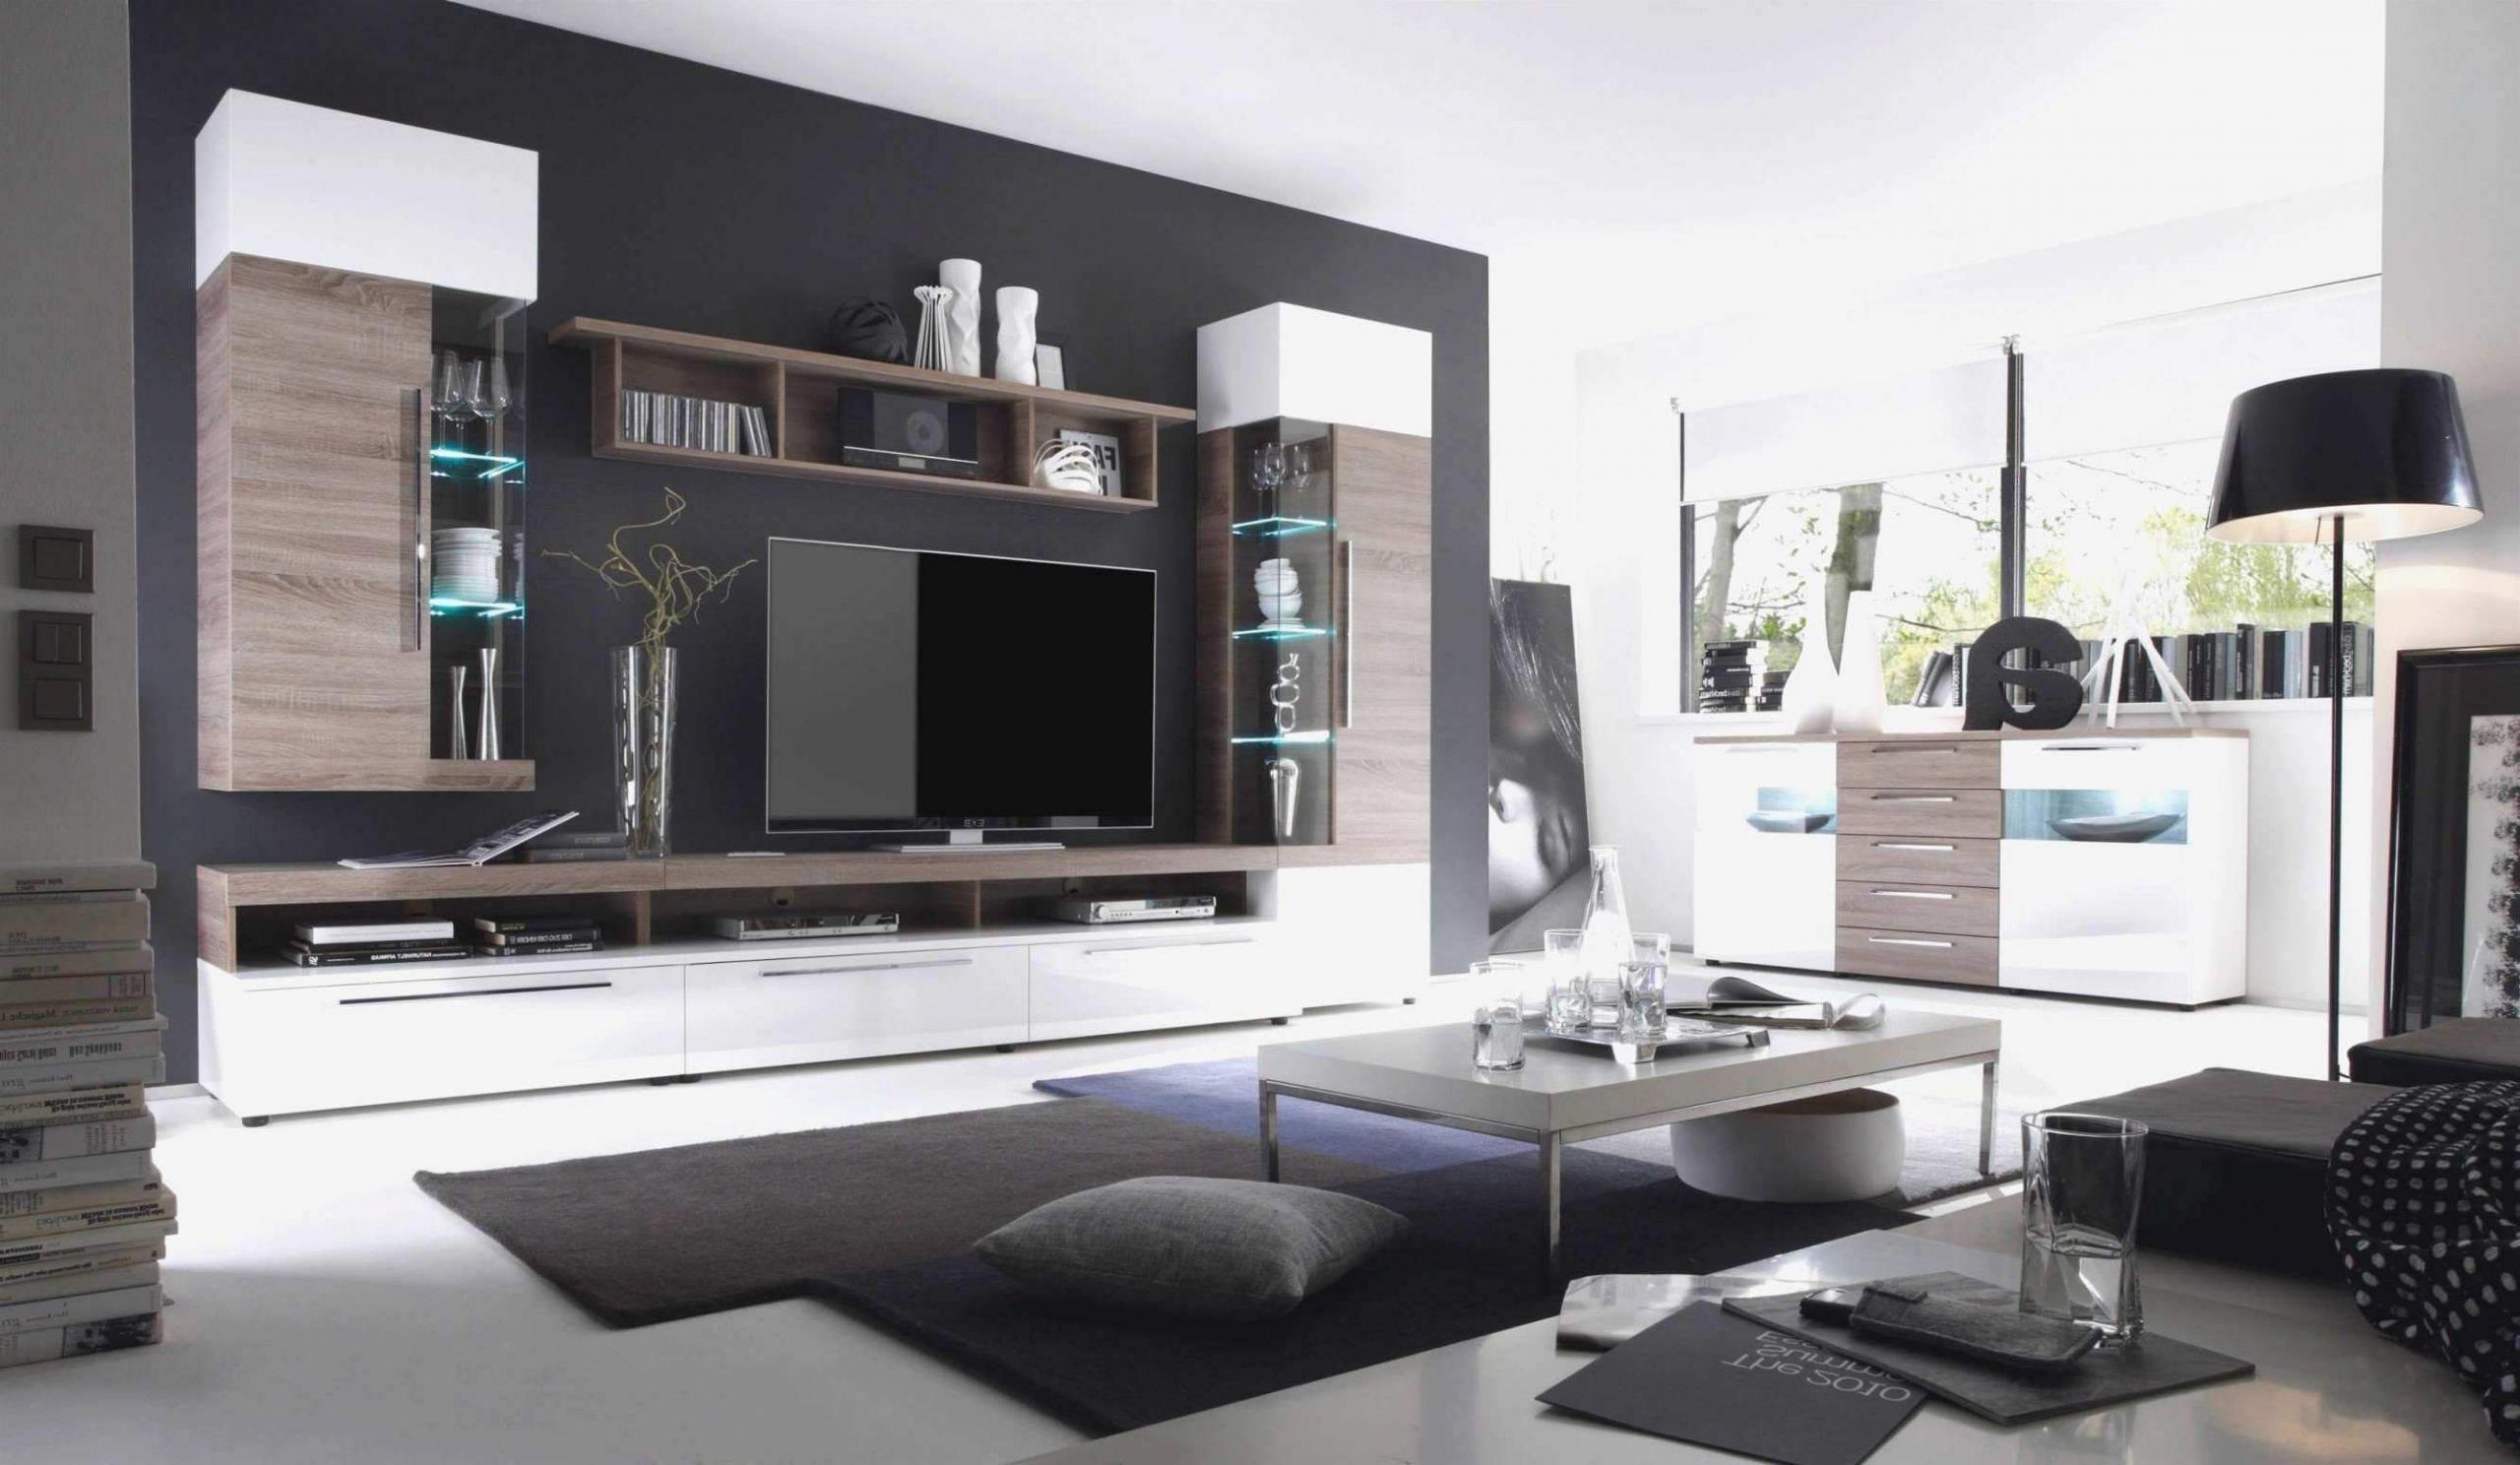 deko fur wohnzimmer das beste von elegant bilder fur wohnzimmer modern of deko fur wohnzimmer